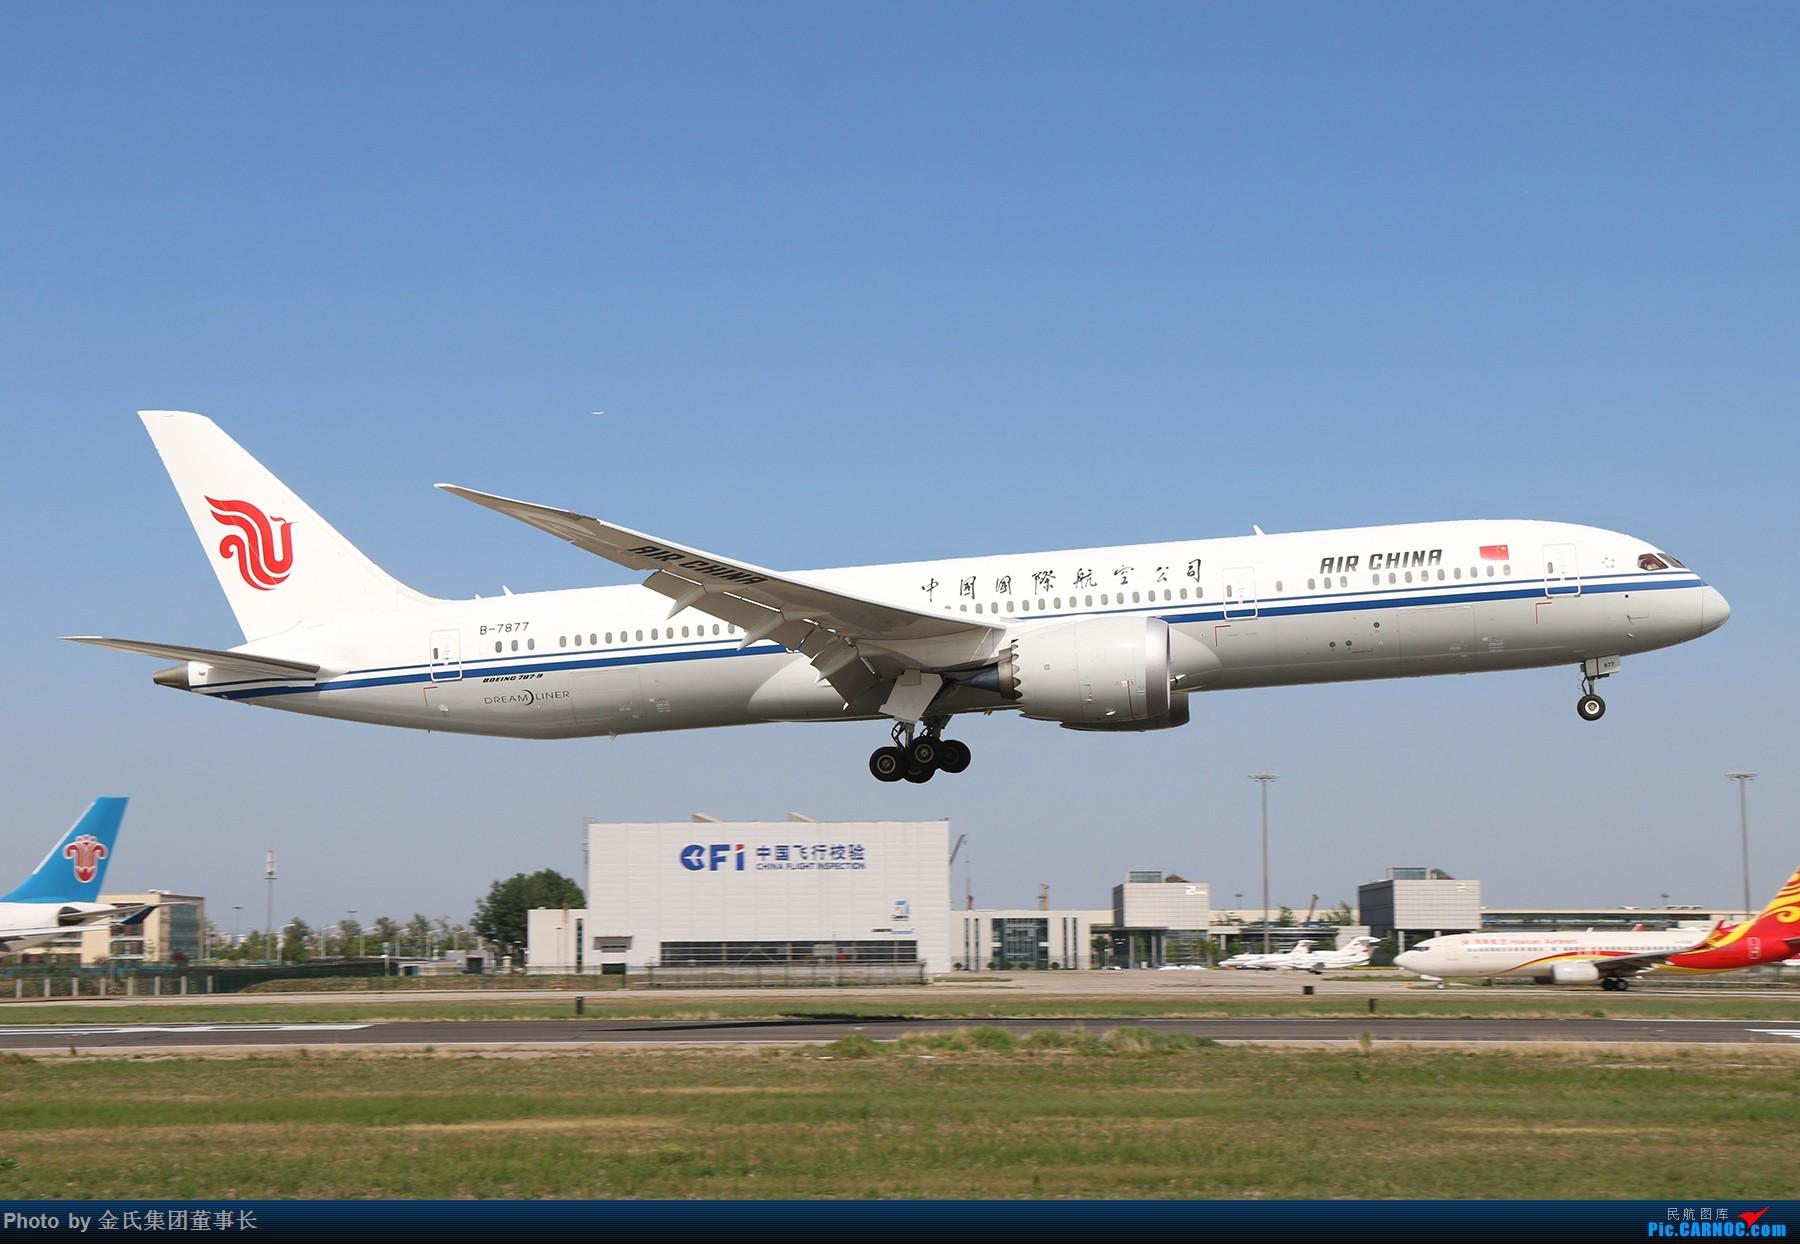 [原创]【董事长】蓝天下的国航789 BOEING 787-9 B-7877 中国北京首都国际机场